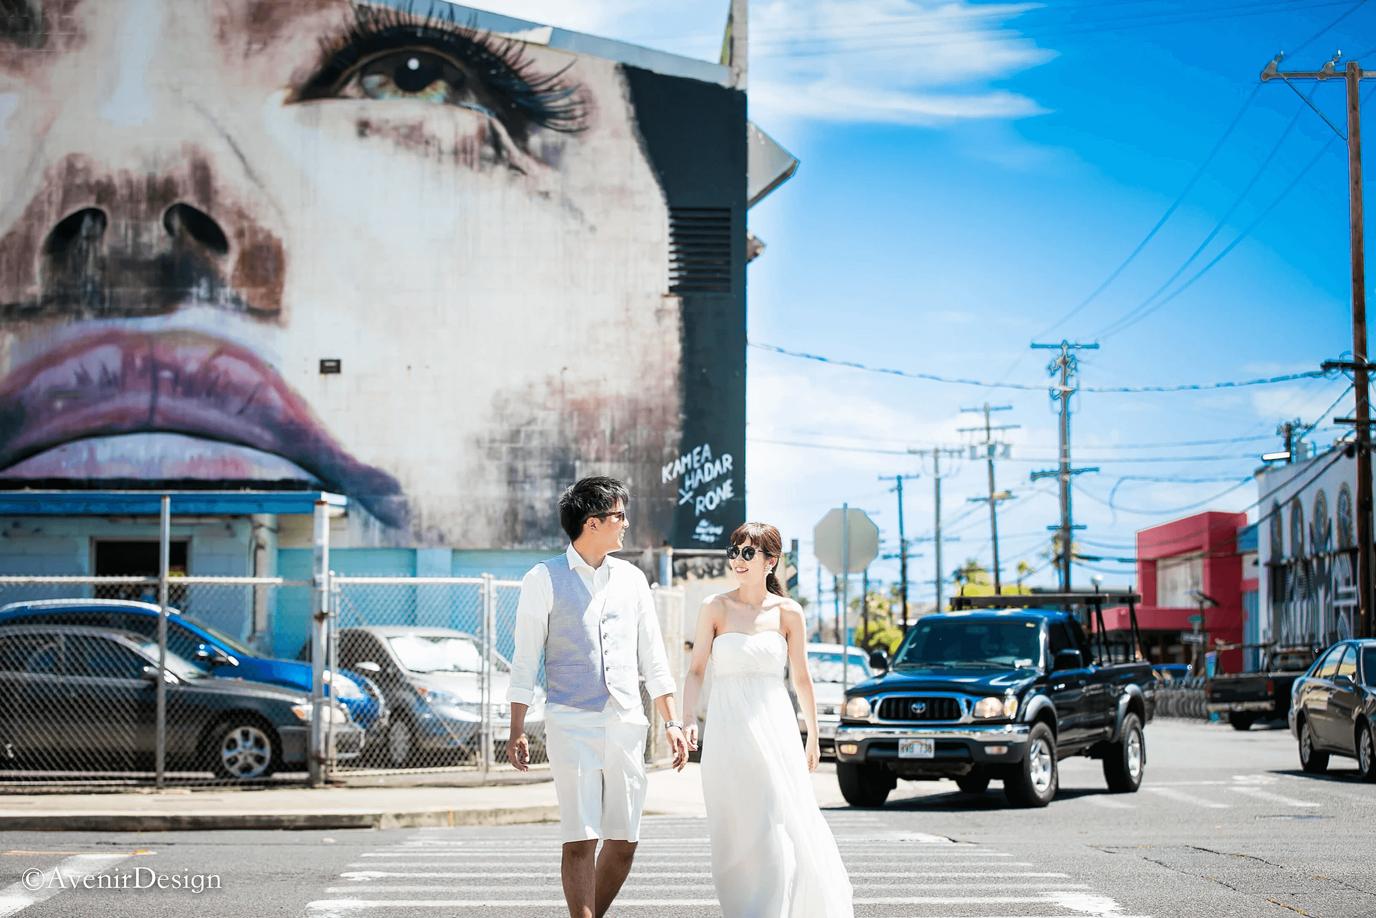 結婚式の「前撮り・後撮り」と「別撮り」あなたはどれを選びますか?